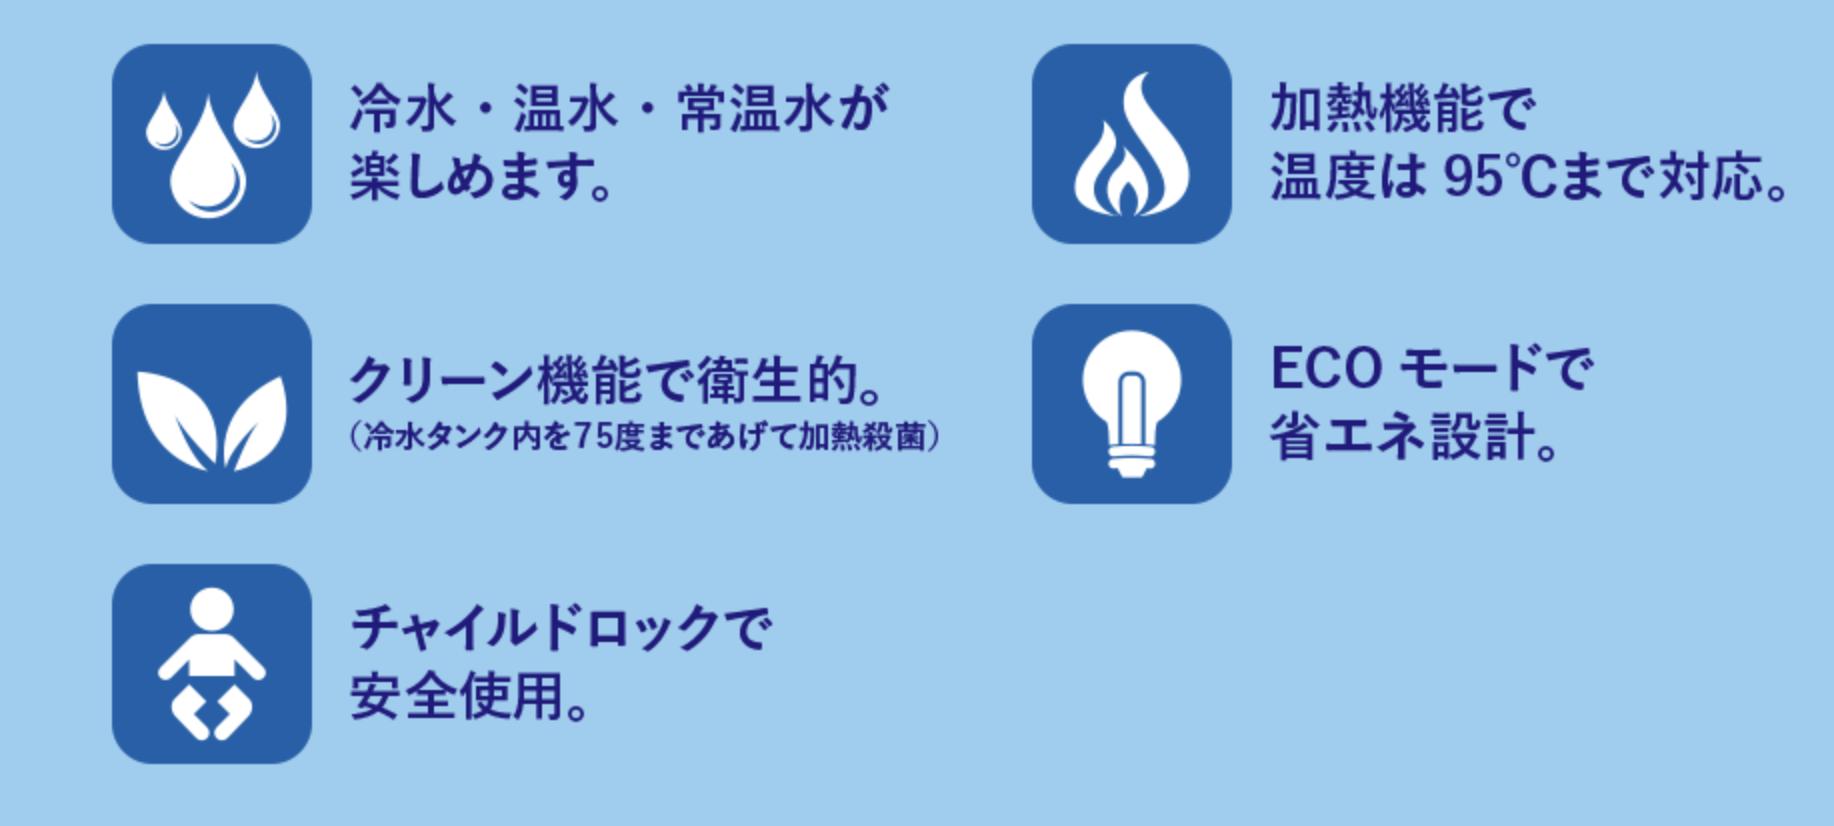 ピュレストの5つの機能